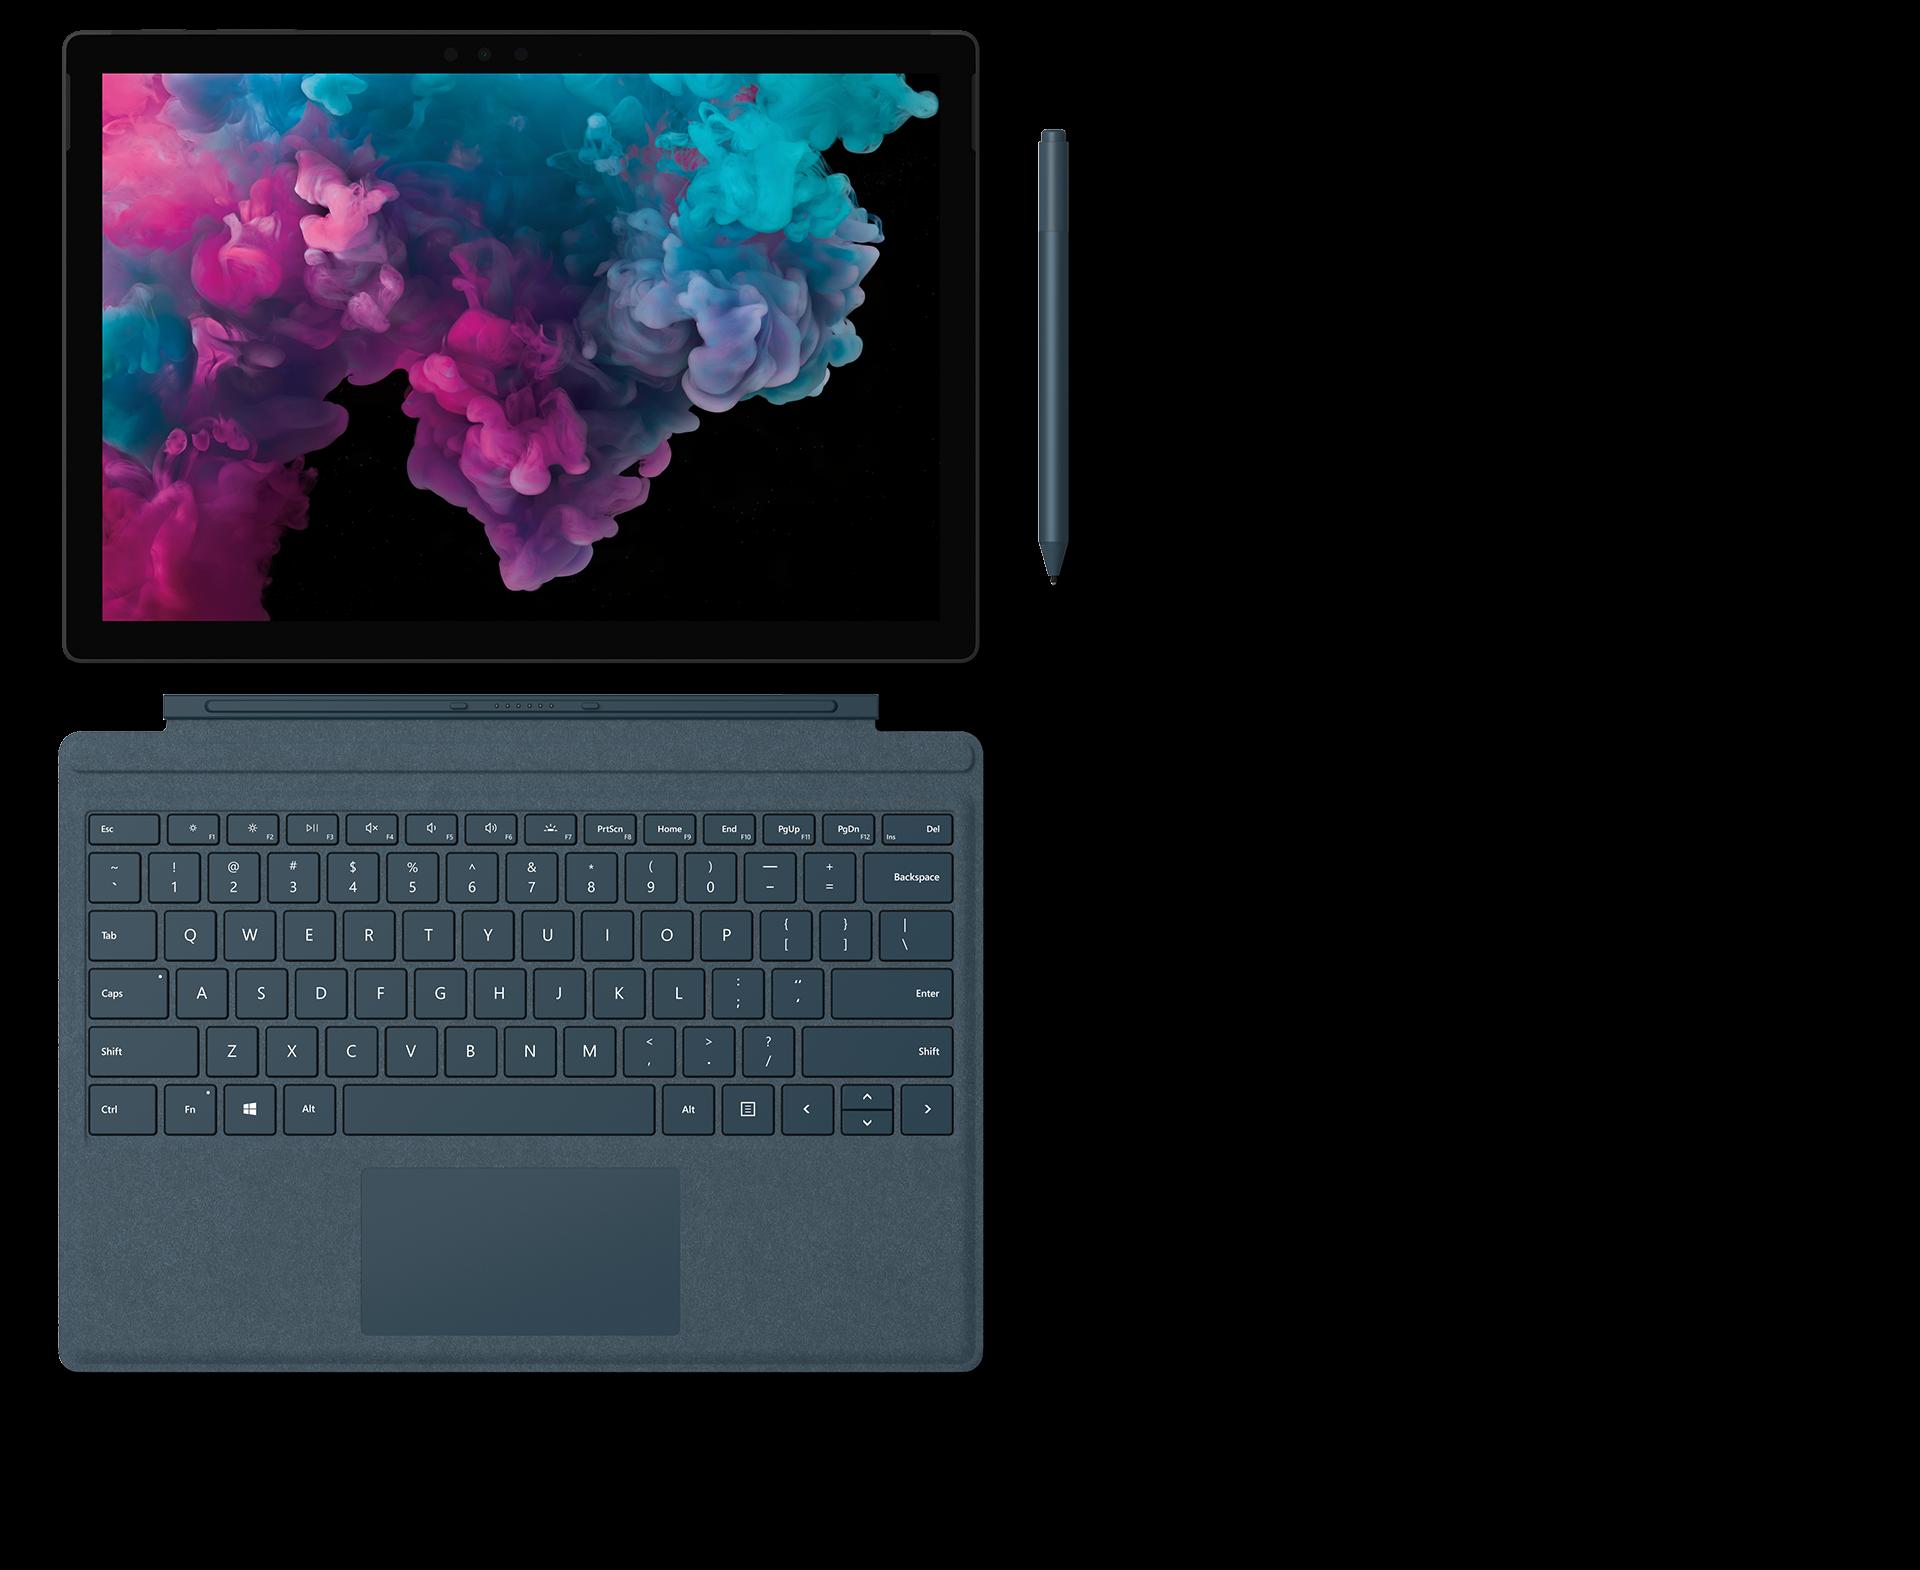 配备 Surface 专业键盘盖、Surface 触控笔和 Surface Arc 鼠标的 Surface Pro 6 。